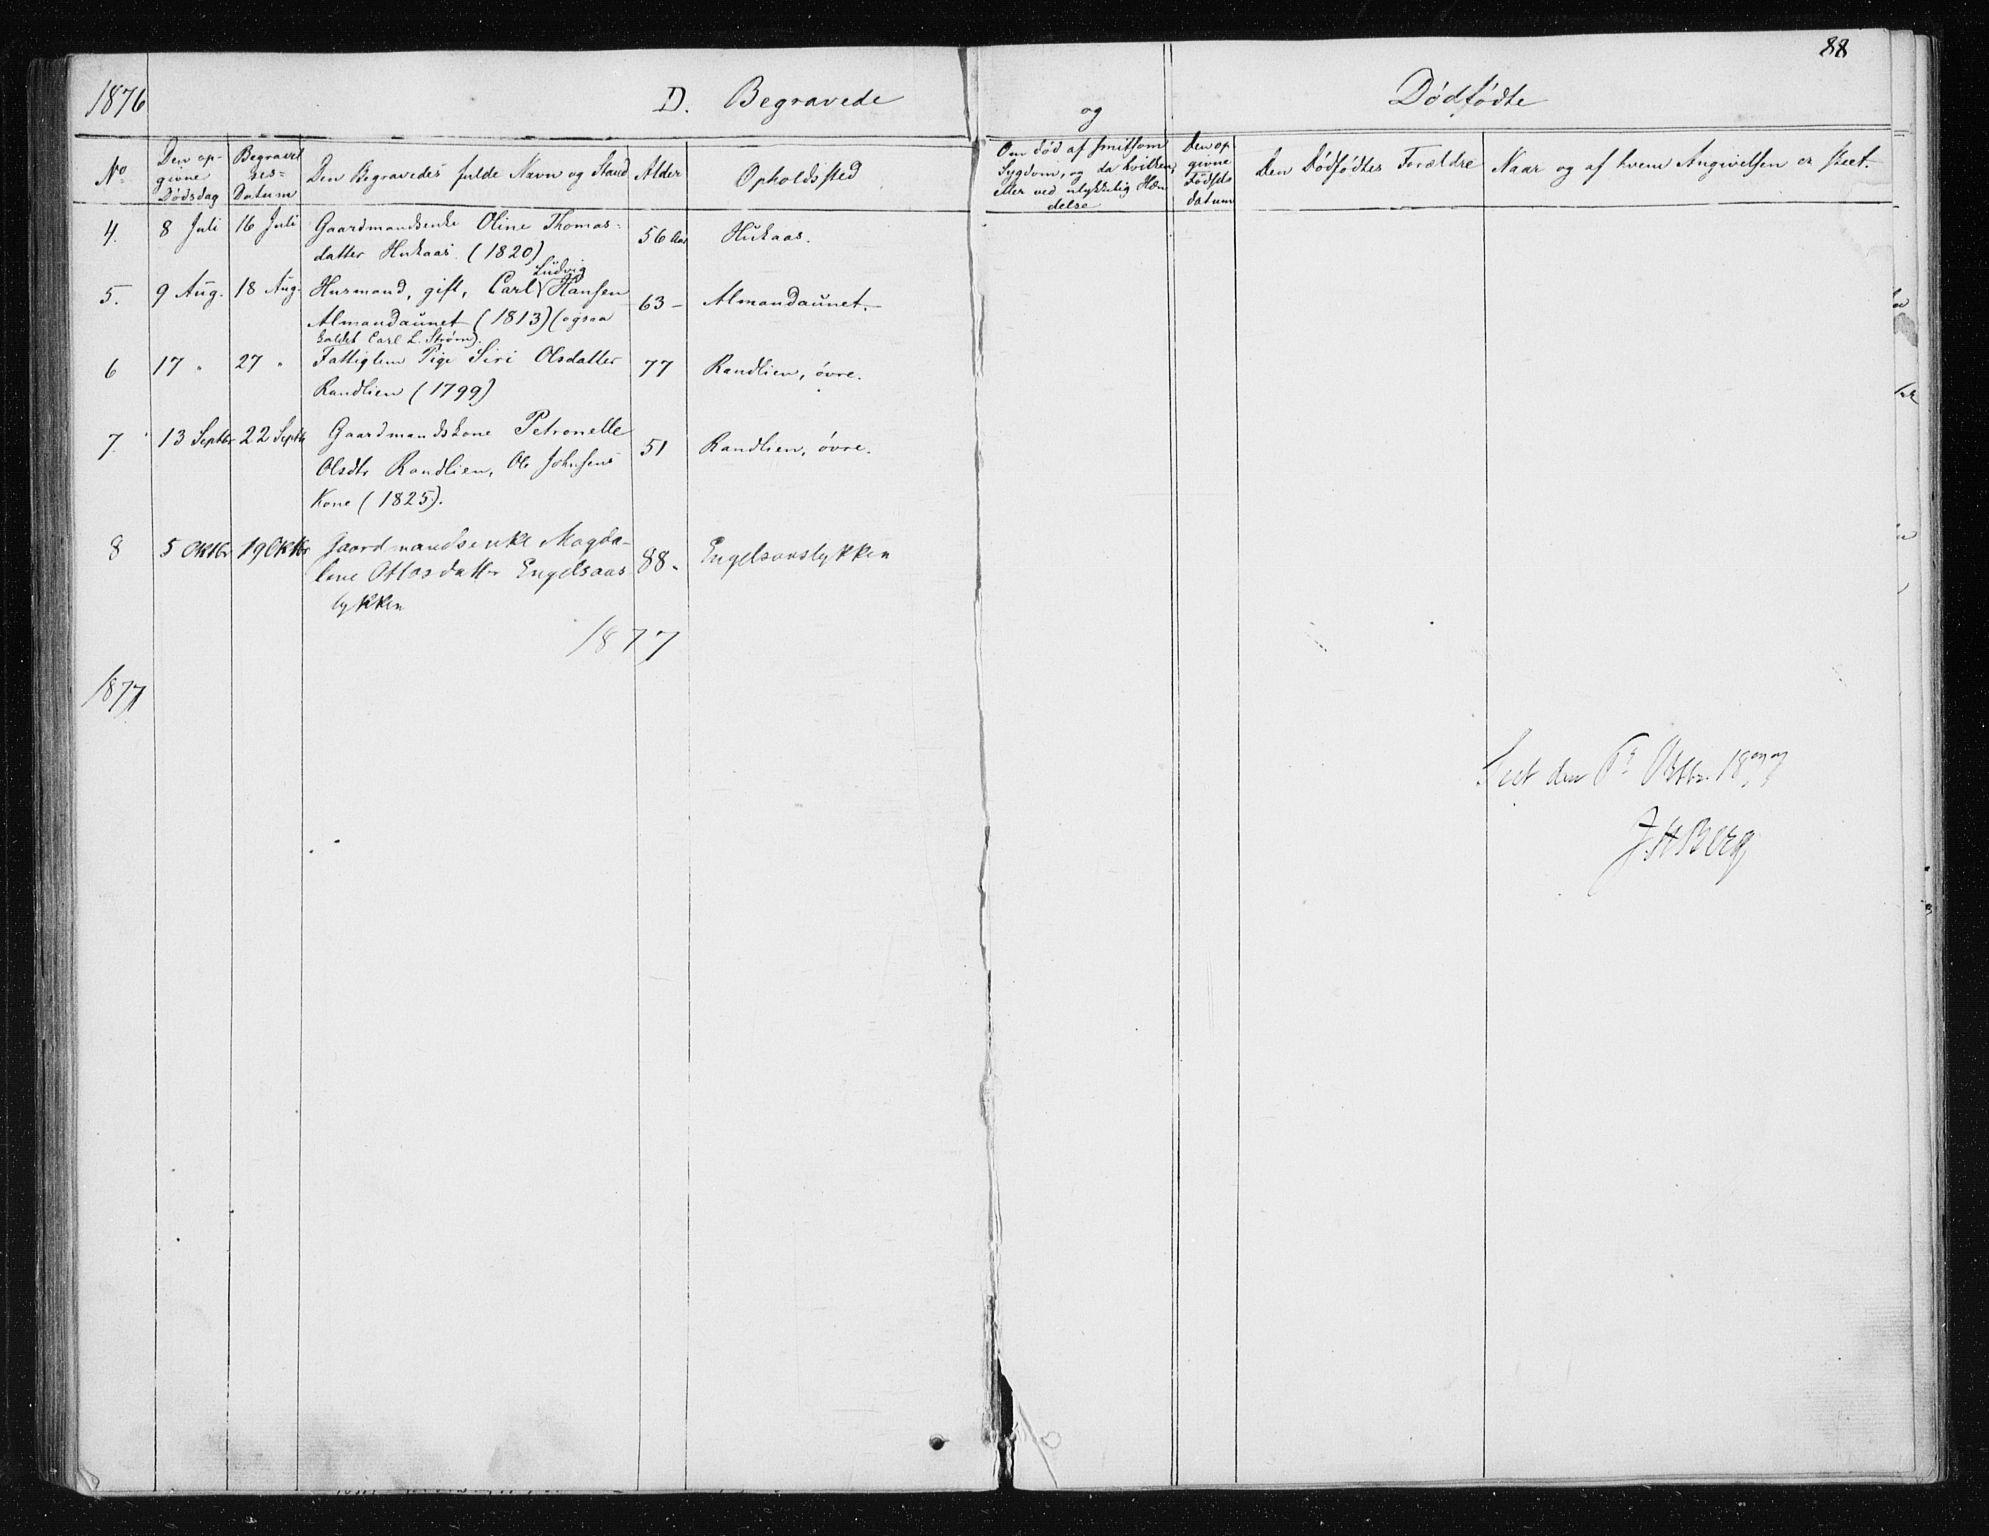 SAT, Ministerialprotokoller, klokkerbøker og fødselsregistre - Sør-Trøndelag, 608/L0333: Ministerialbok nr. 608A02, 1862-1876, s. 88